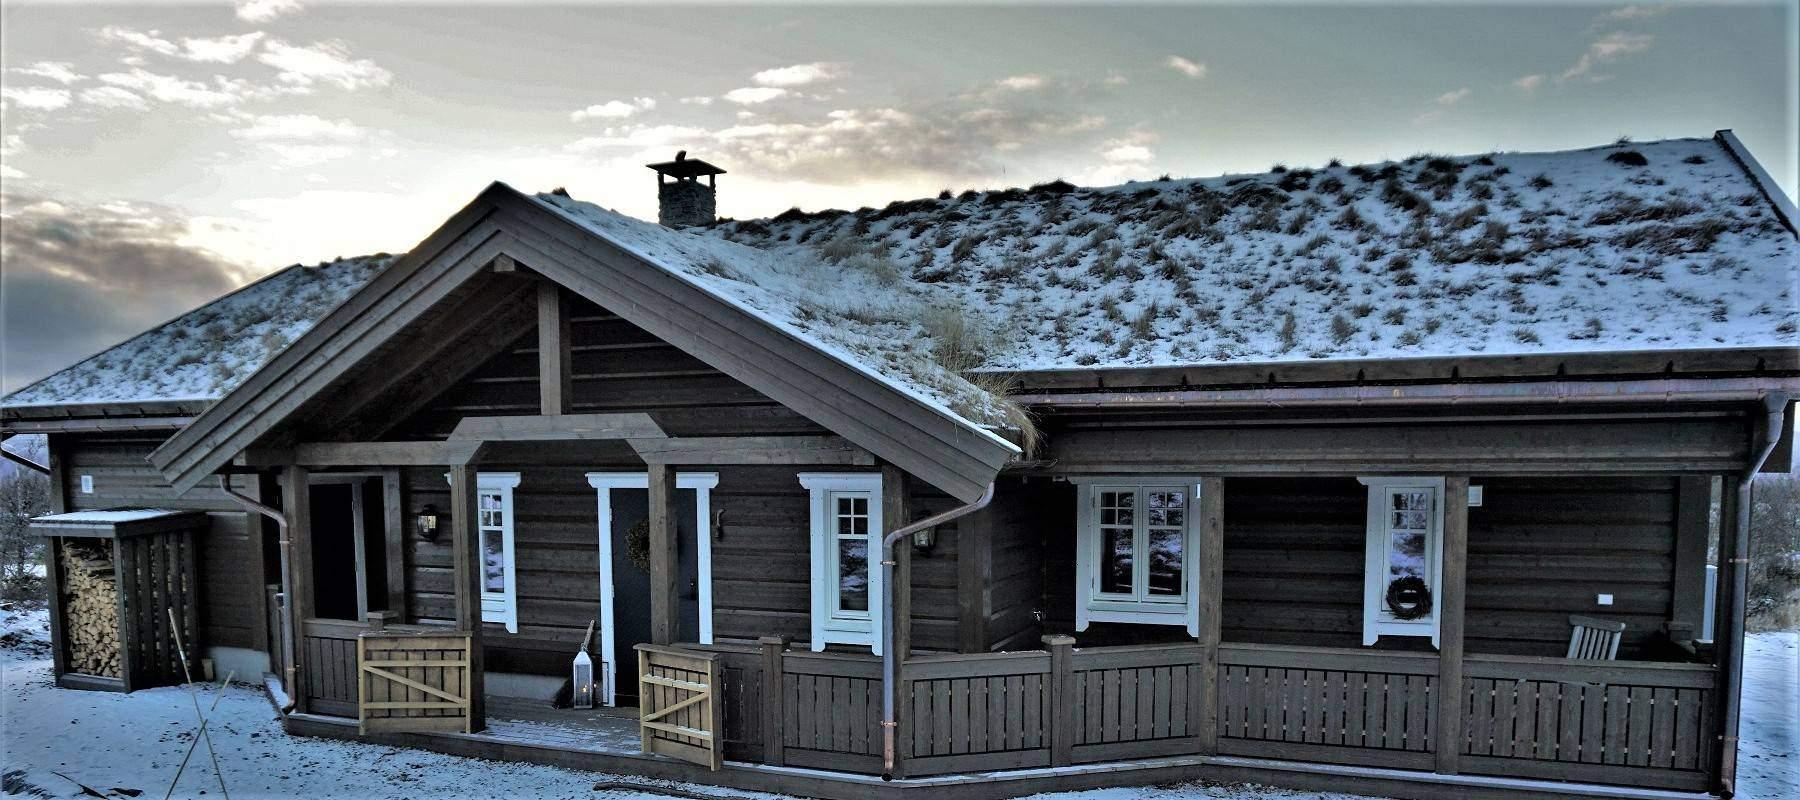 68 Hytteleverandor – Tiurtoppen Hytter Inspirasjon hytte pa Gålå